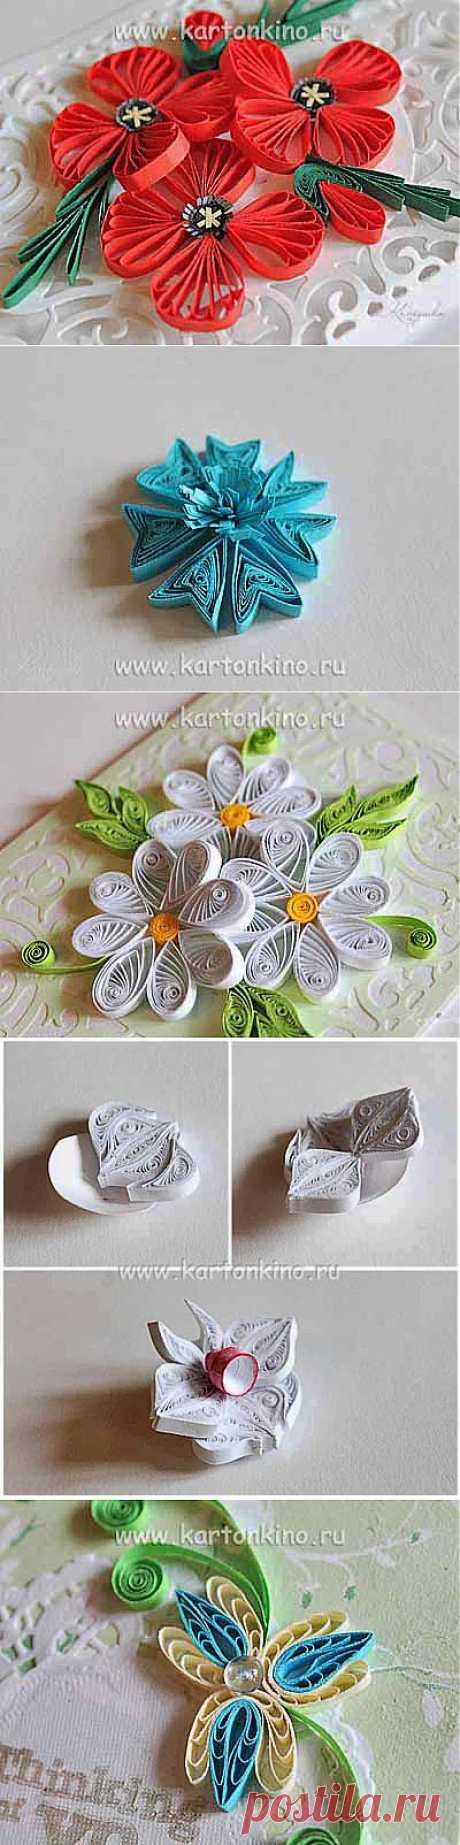 Как делать квиллинг цветы. Обзорный мастер-класс | КАРТОНКИНО.ru